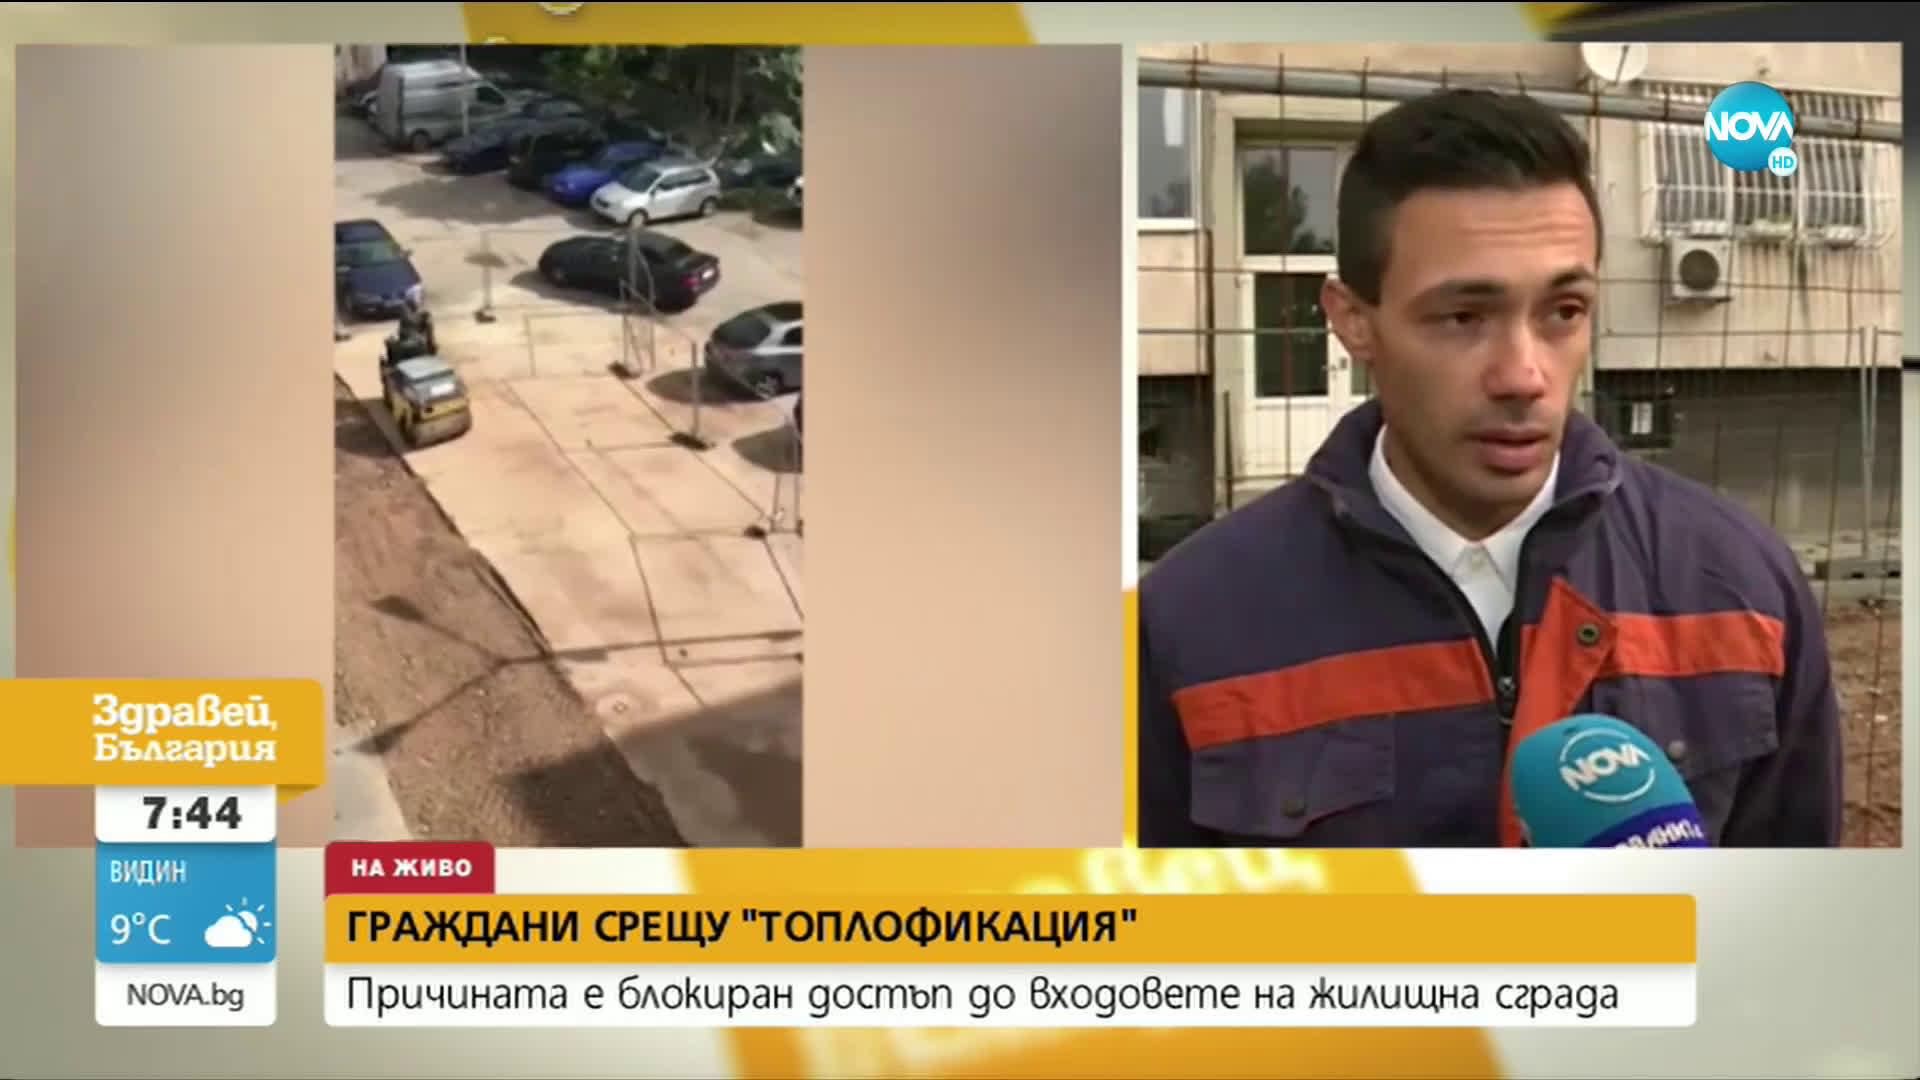 """Граждани срещу """"Топлофикация"""" заради блокиран достъп до входовете на жилища"""